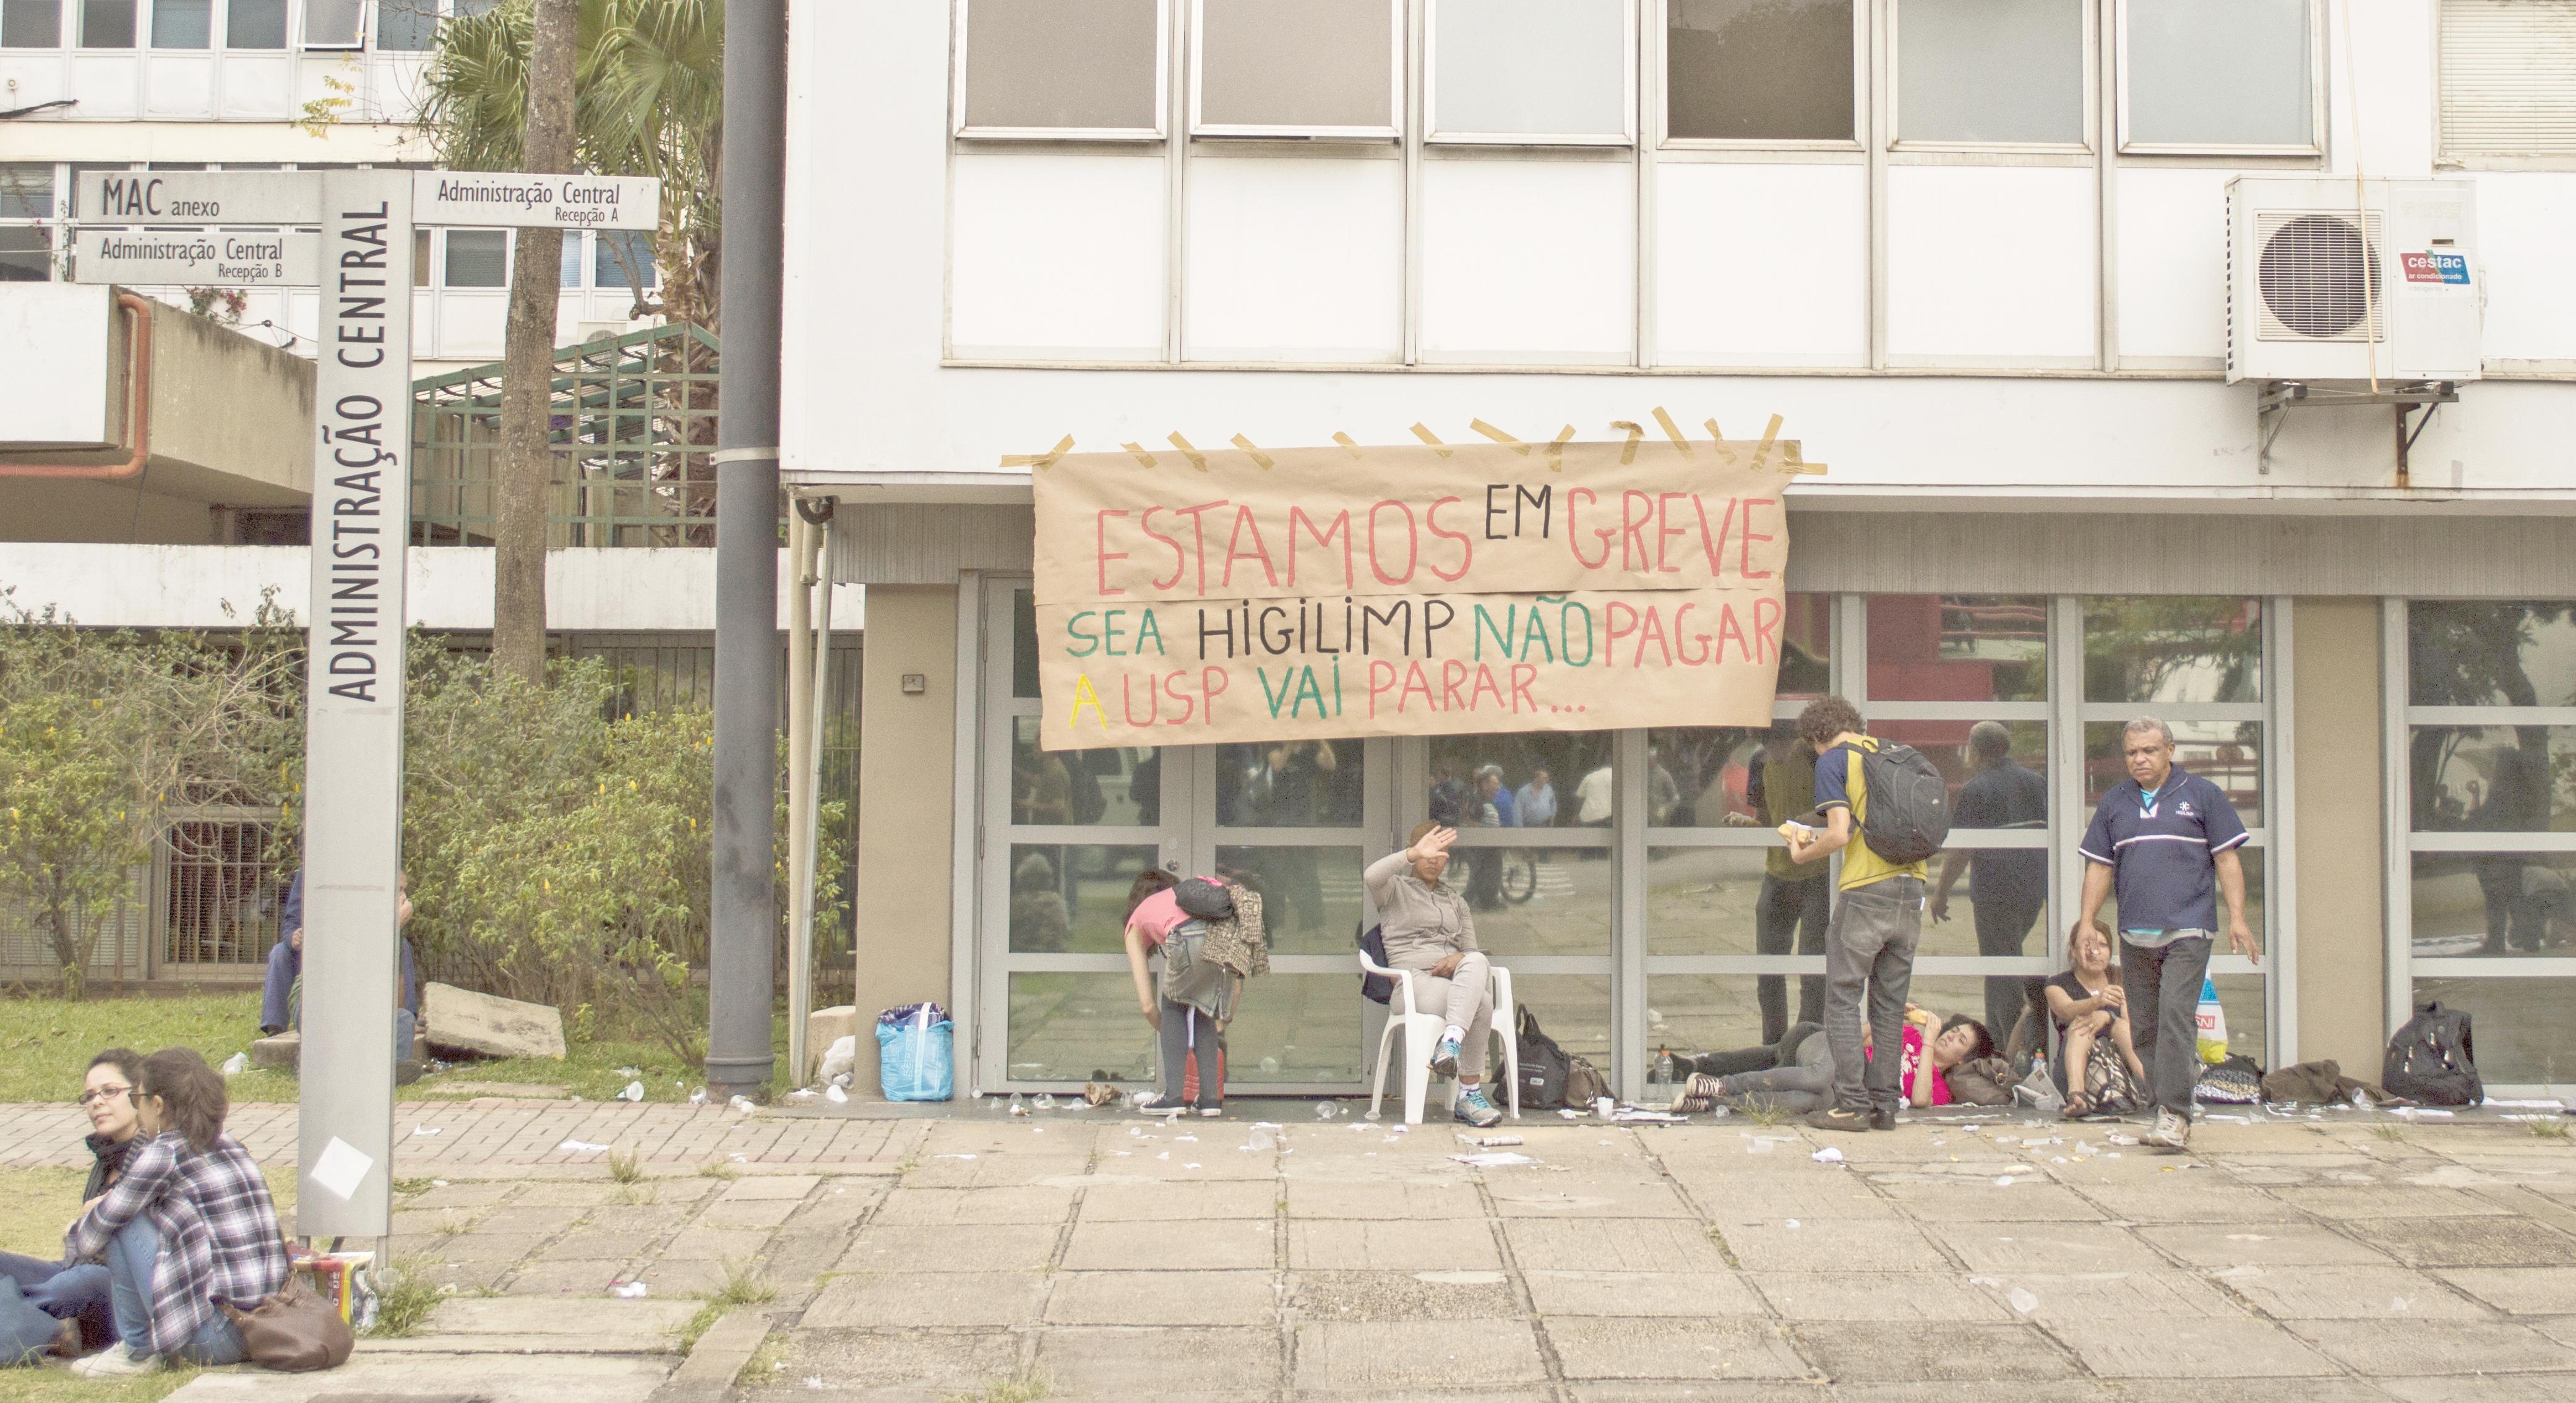 Sem pagamentos regularizados, terceirizados prometem continuar em greve (Foto: Bruna Romão)